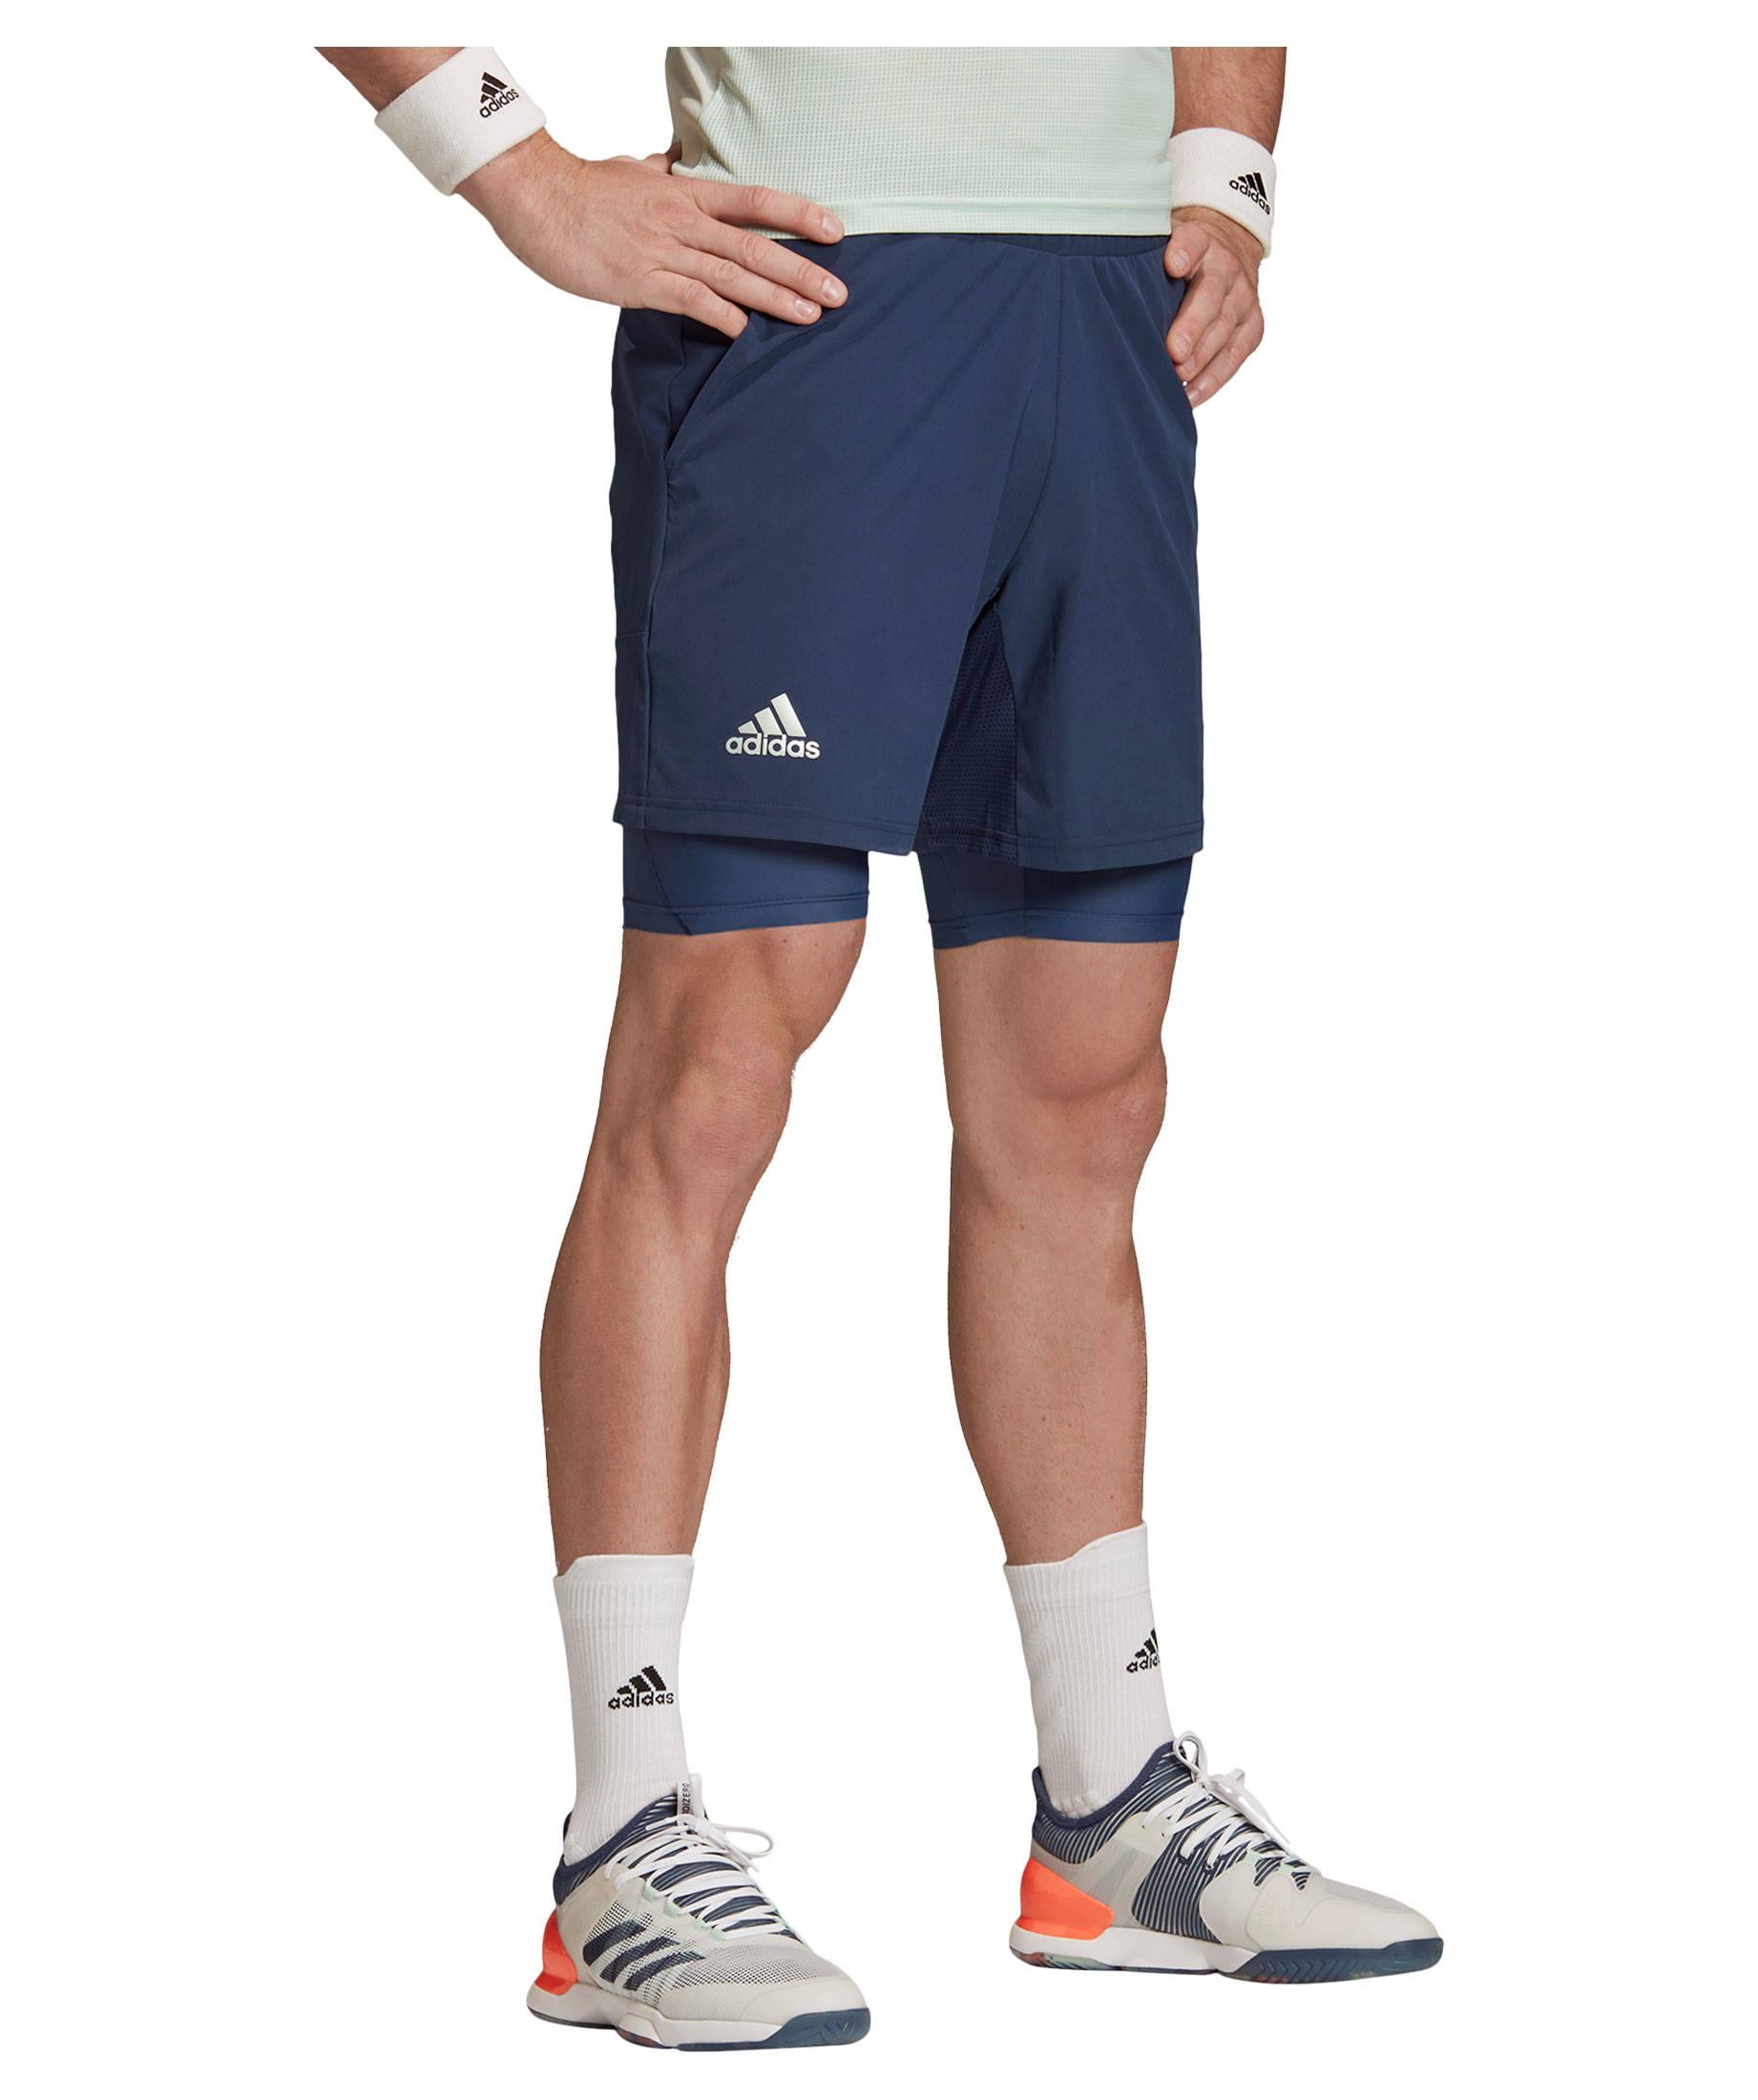 2 in 1 short herren adidas